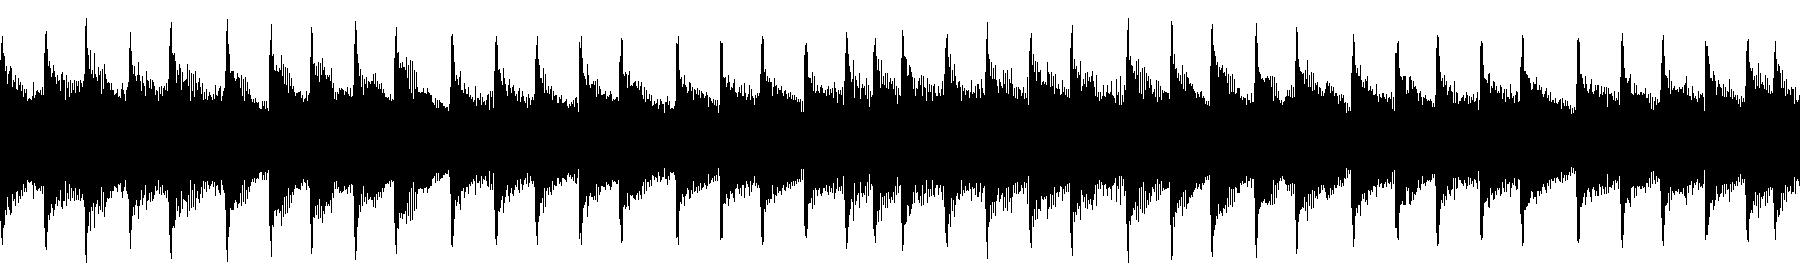 vedh melodyloop 086 amaj7 b fm gm 125bpm